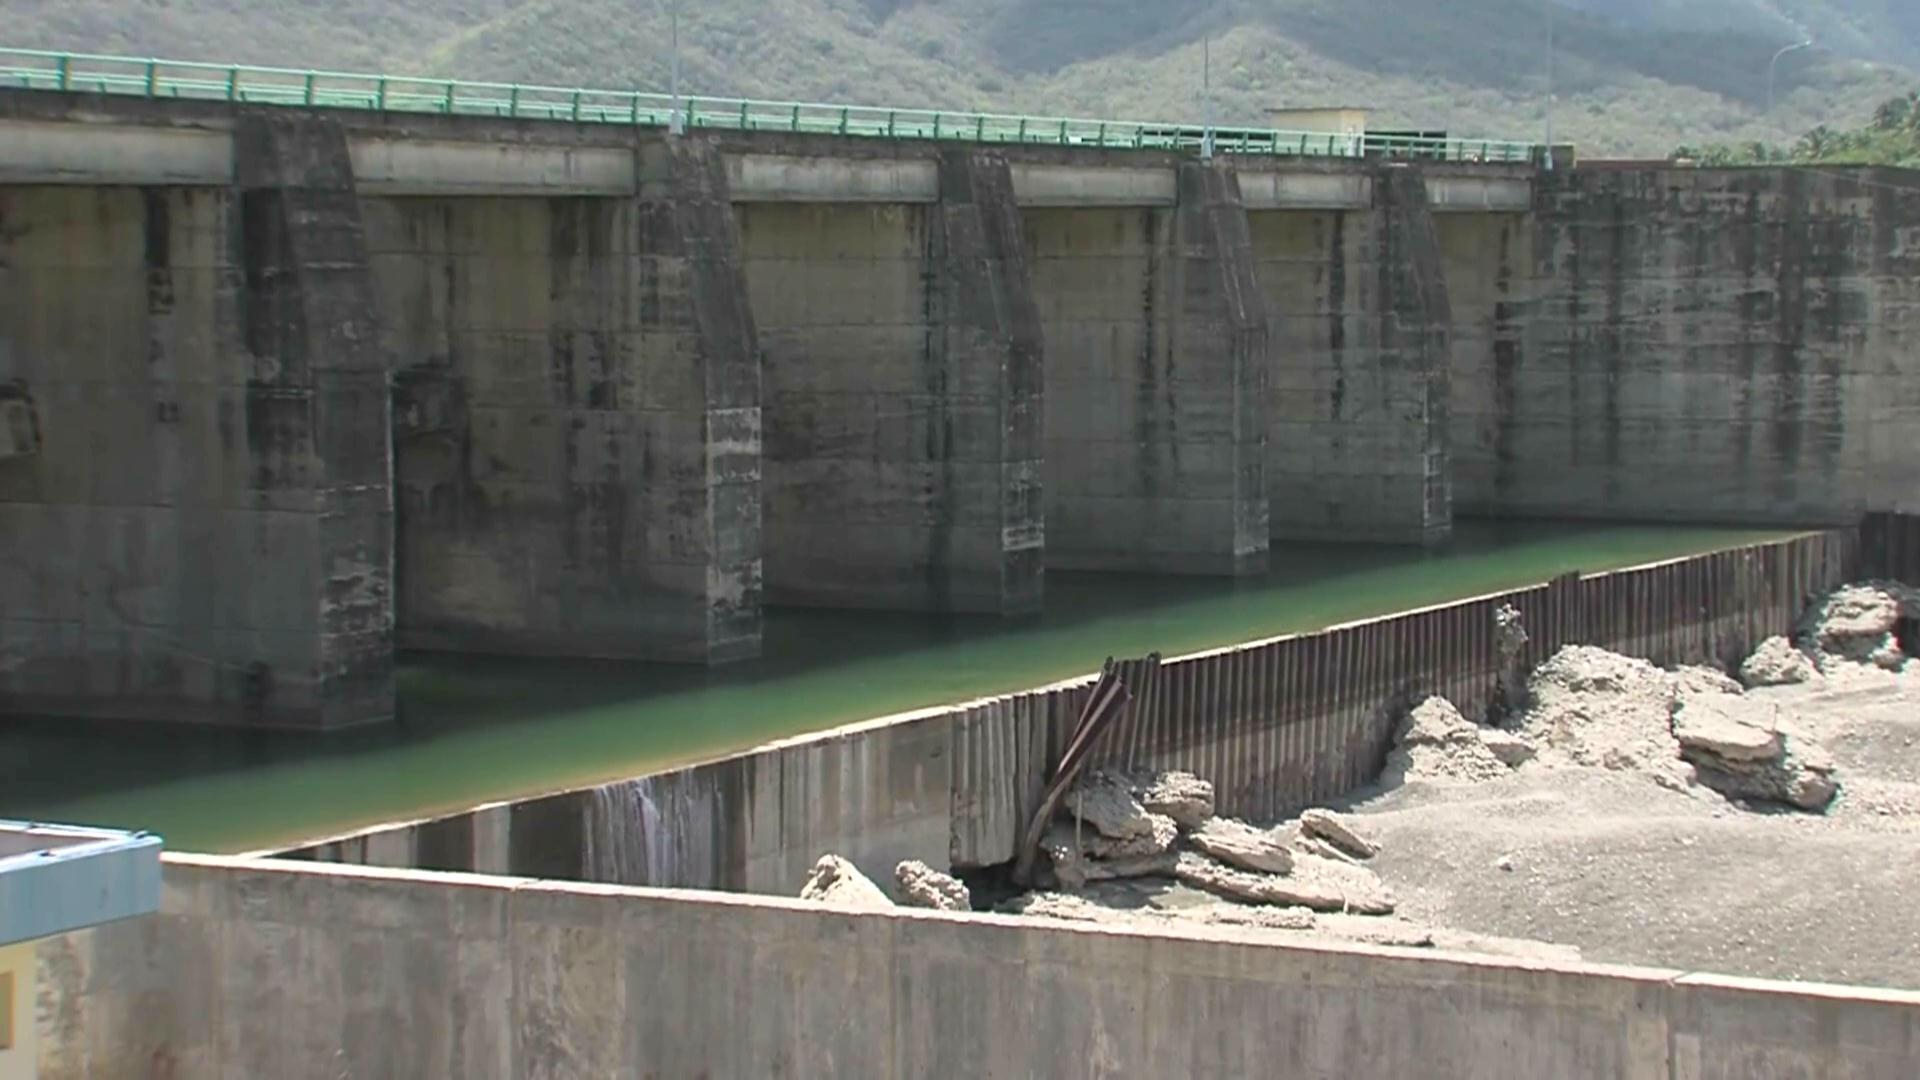 En 35 días se agotaría el agua potable del Gran Santo Domingo de no llover